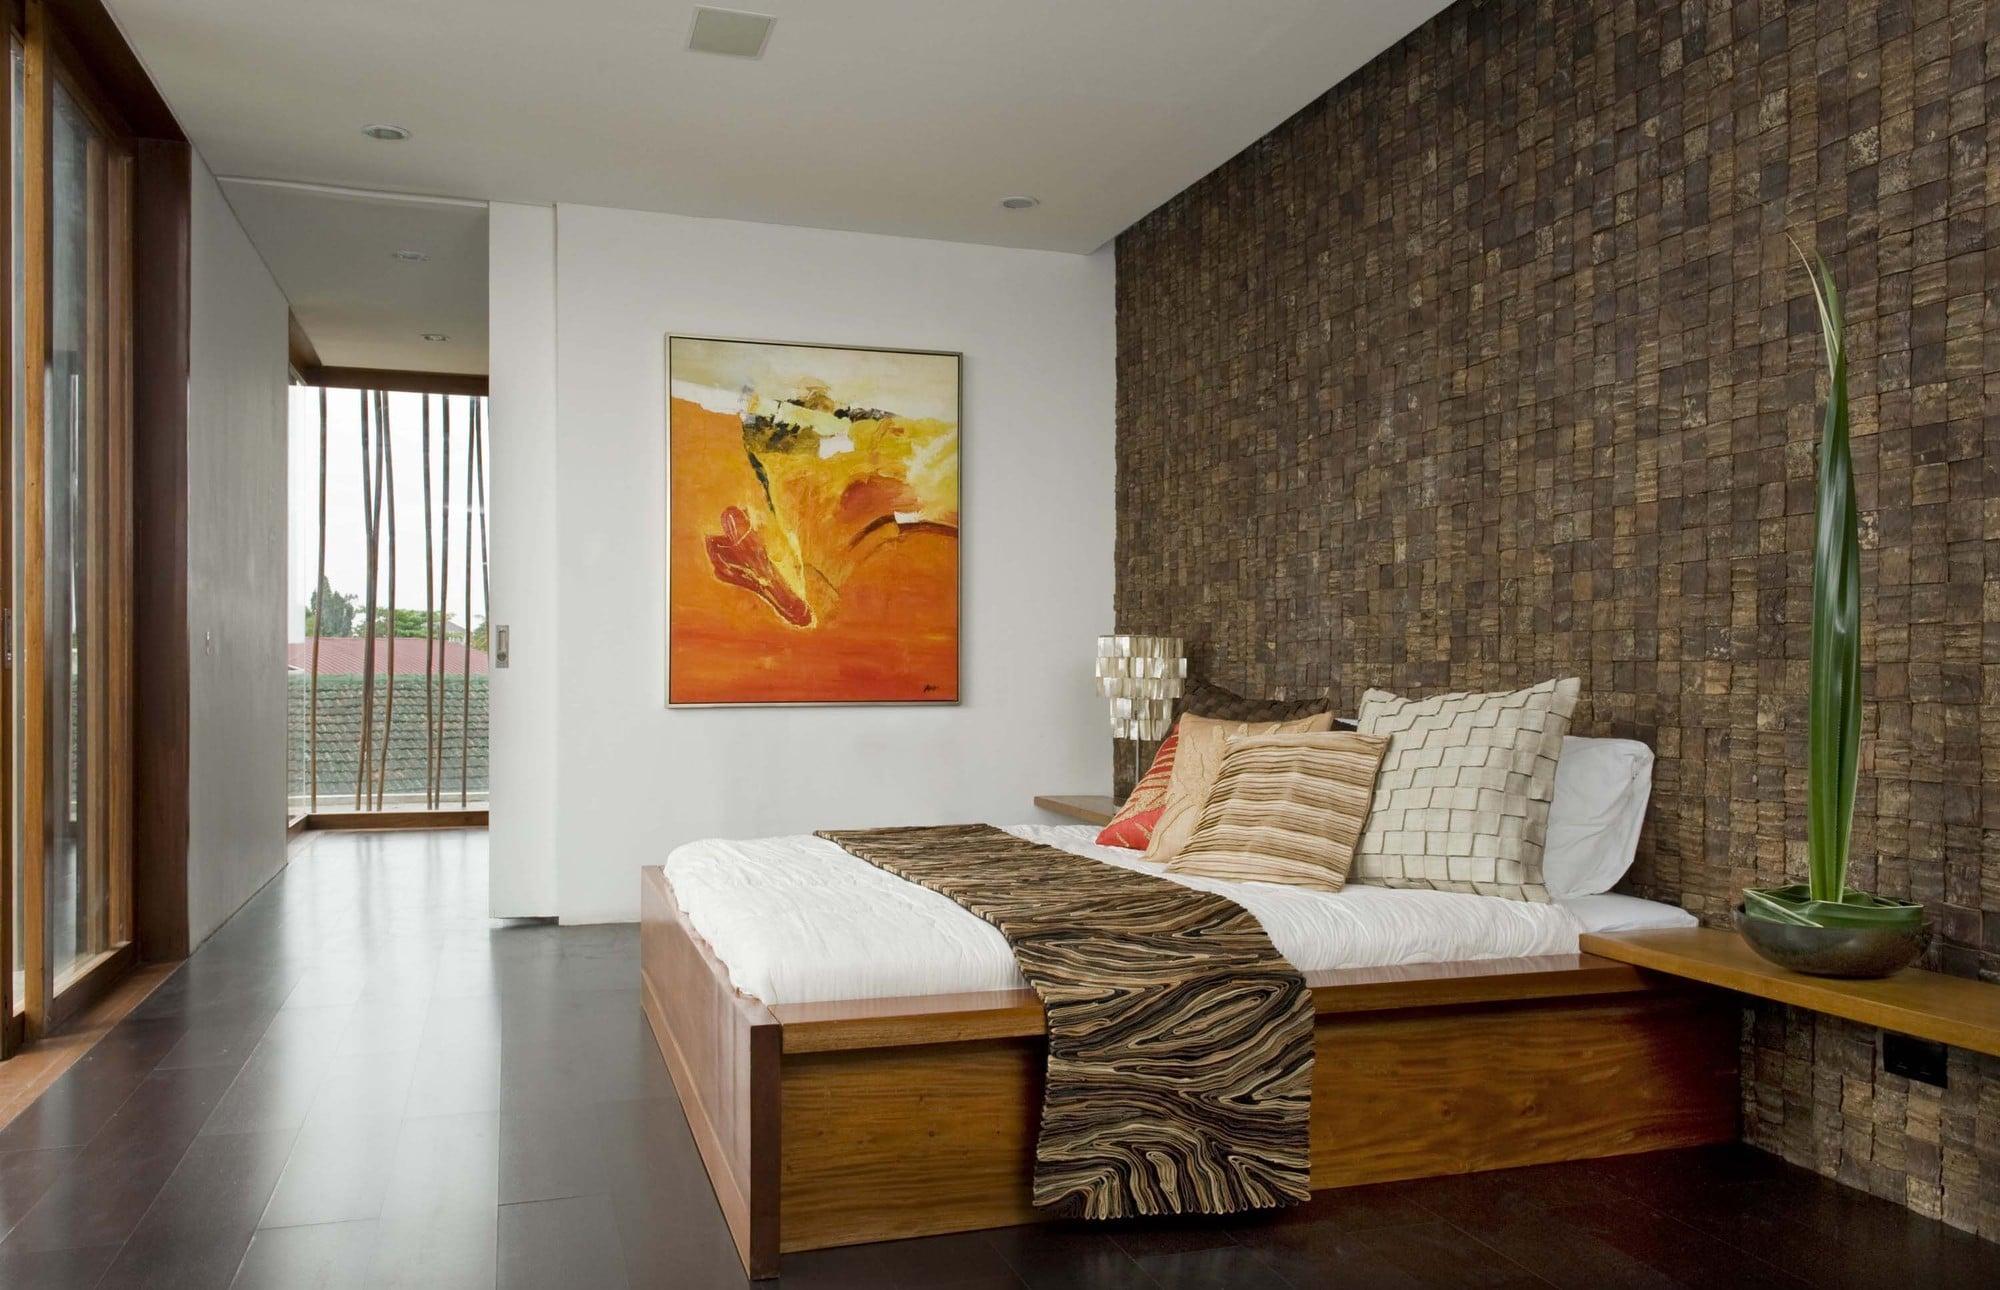 decoracion de interiores con paredes rusticas : decoracion de interiores con paredes rusticas: se le ha aplicado corteza de coco en la pared donde va la cabecera de